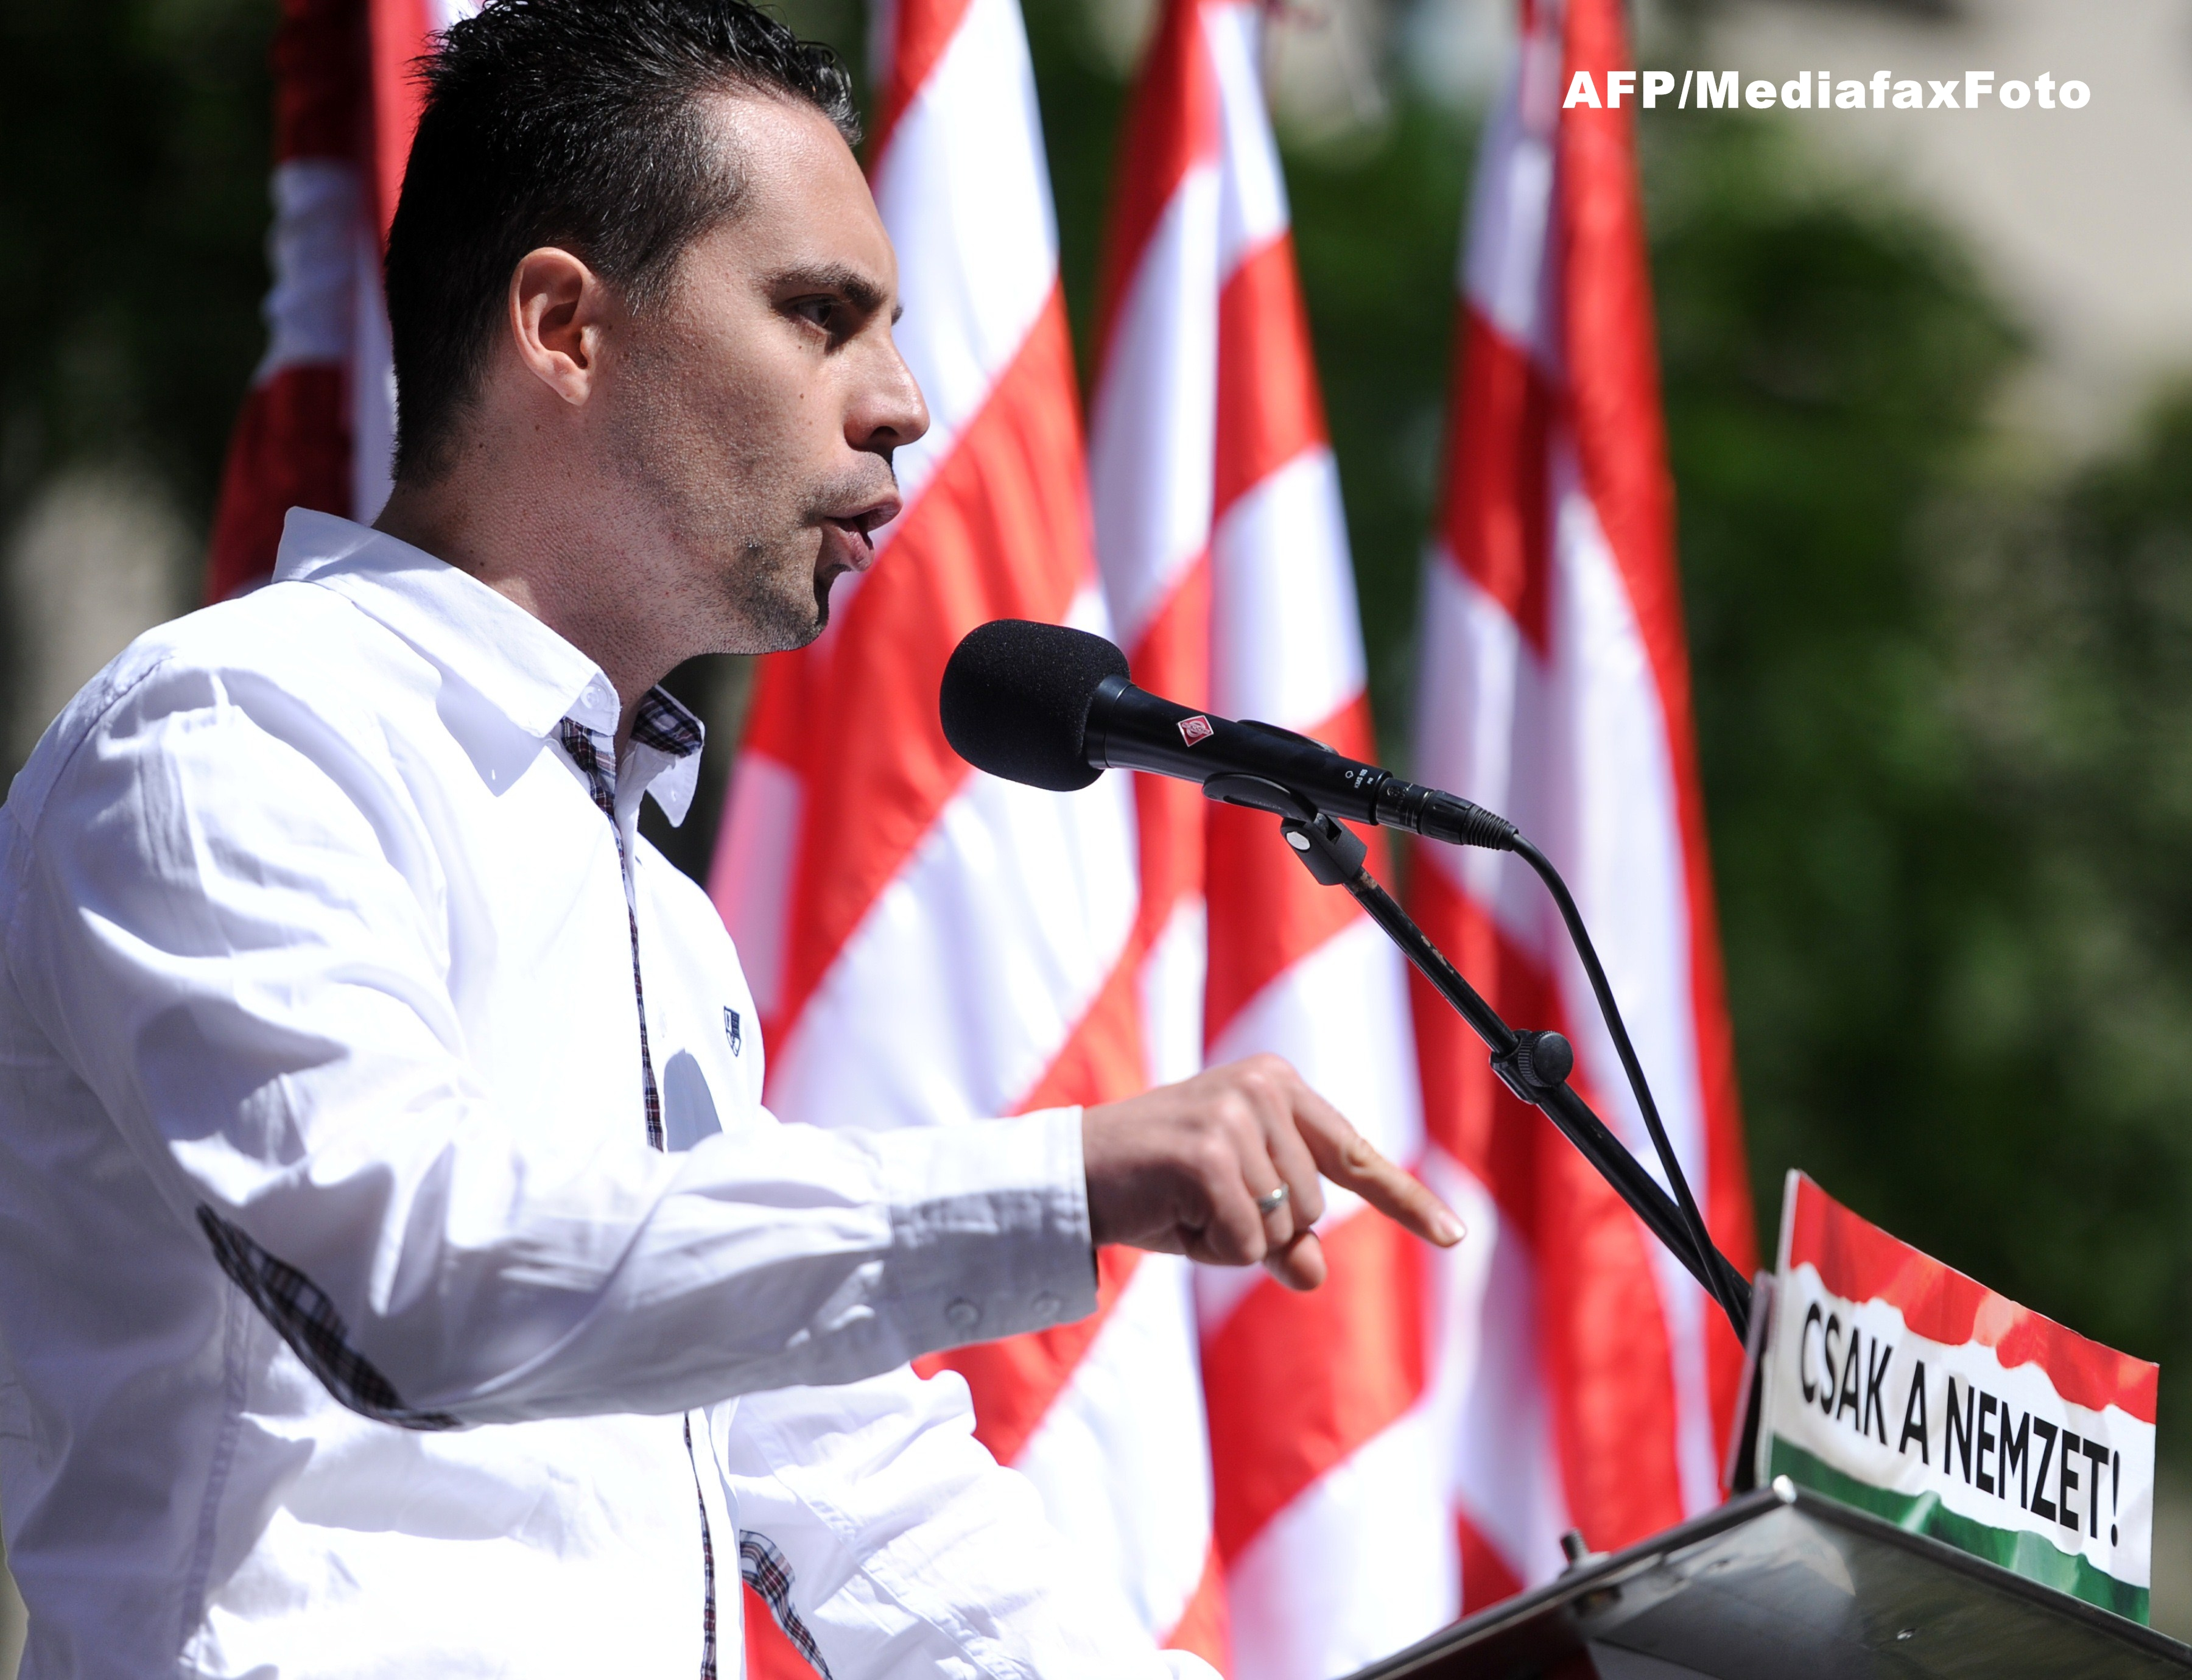 Partidul nationalist Jobbik raspunde sfidator MAE-ului. Un deputat PSD depune plangere penala